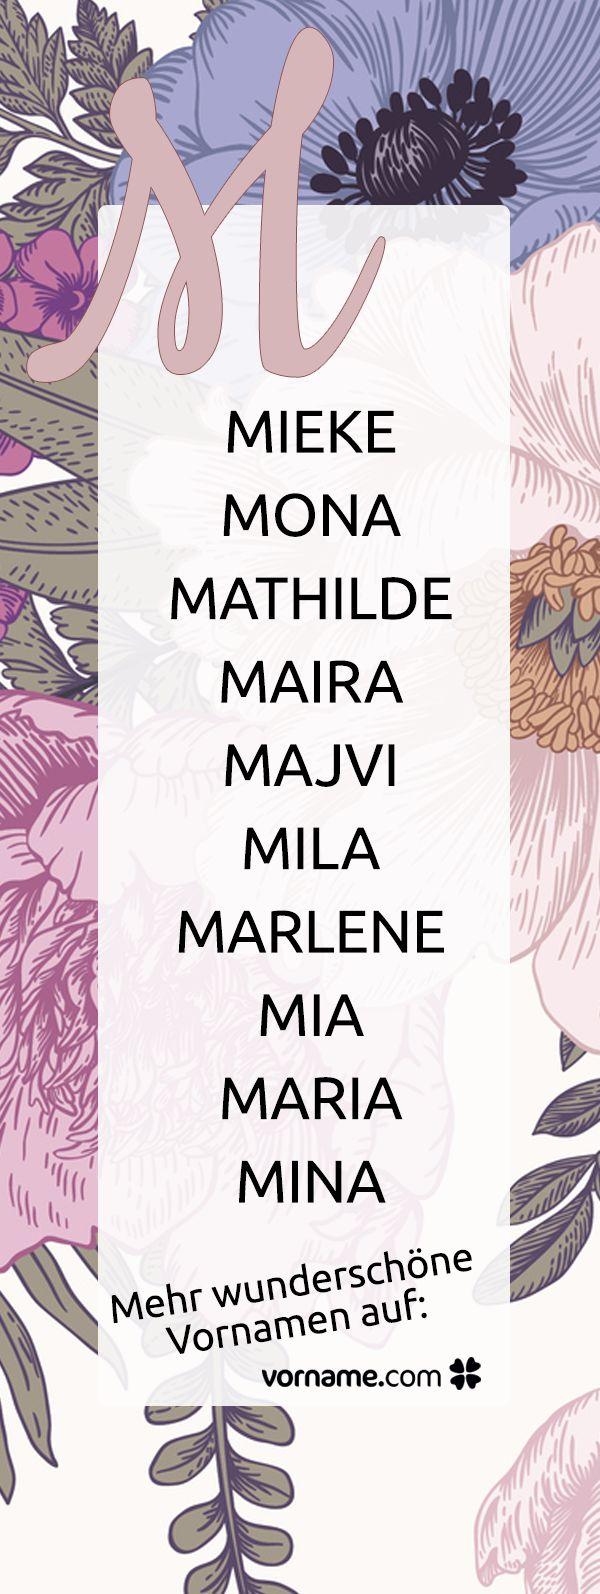 Du bist auf der Suche nach einem schönen Mädchennamen, der mit M beginnt? Bei uns findest Du alle Vornamen zu diesem Thema!